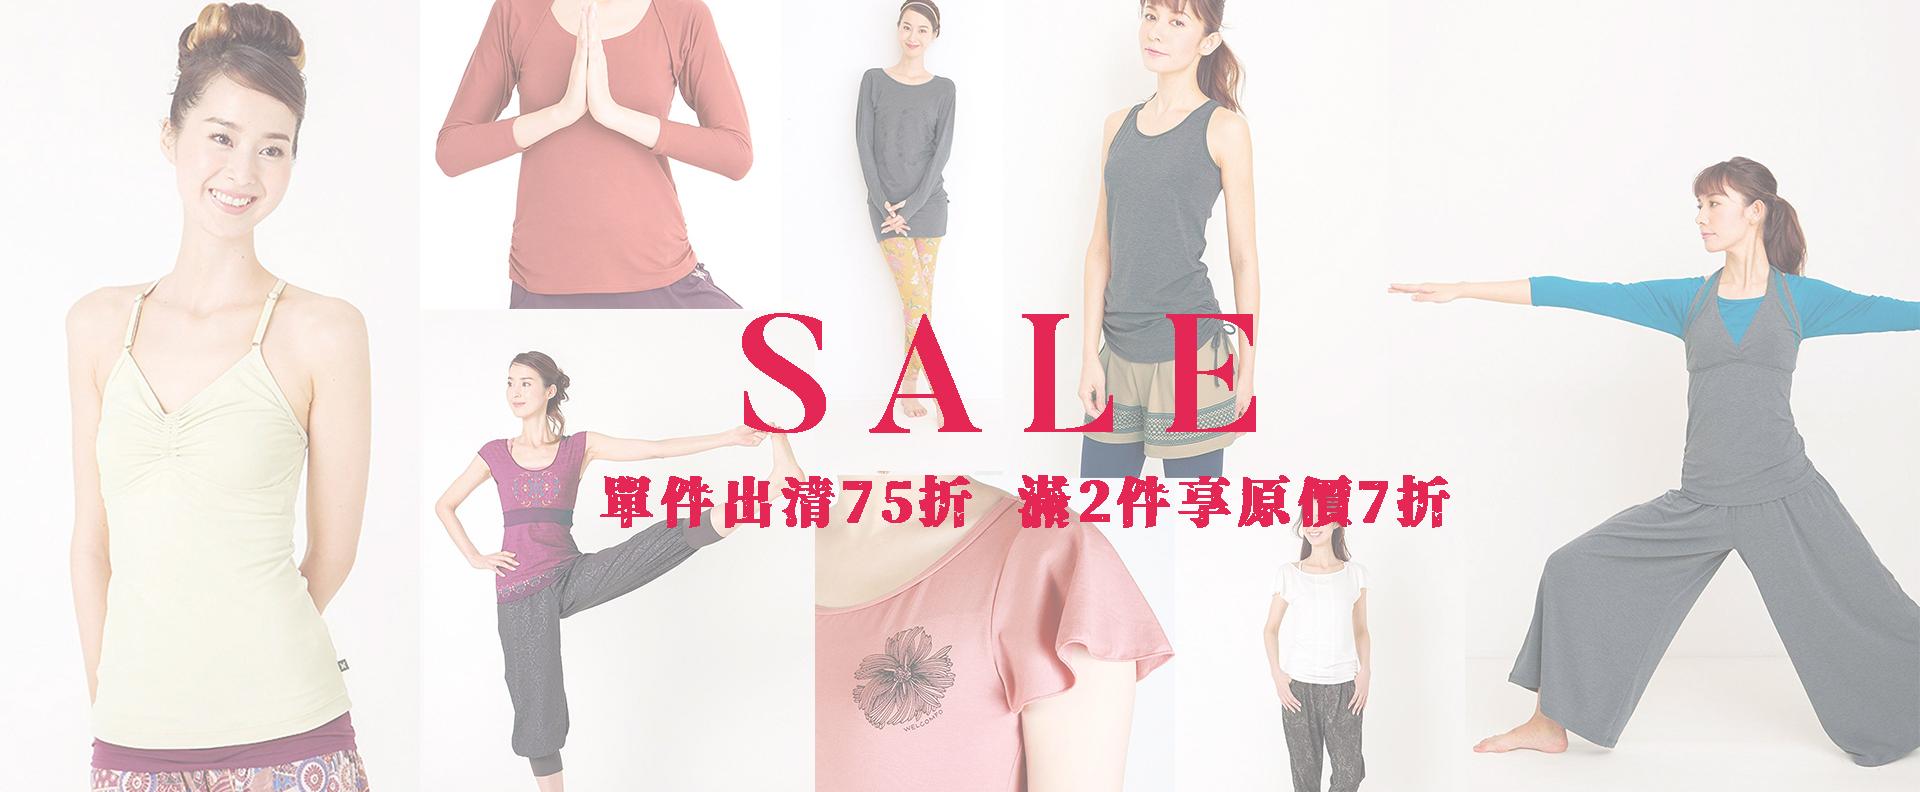 日本進口Chacott-瑜珈服飾15系列 單件75折 滿2件享原價7折